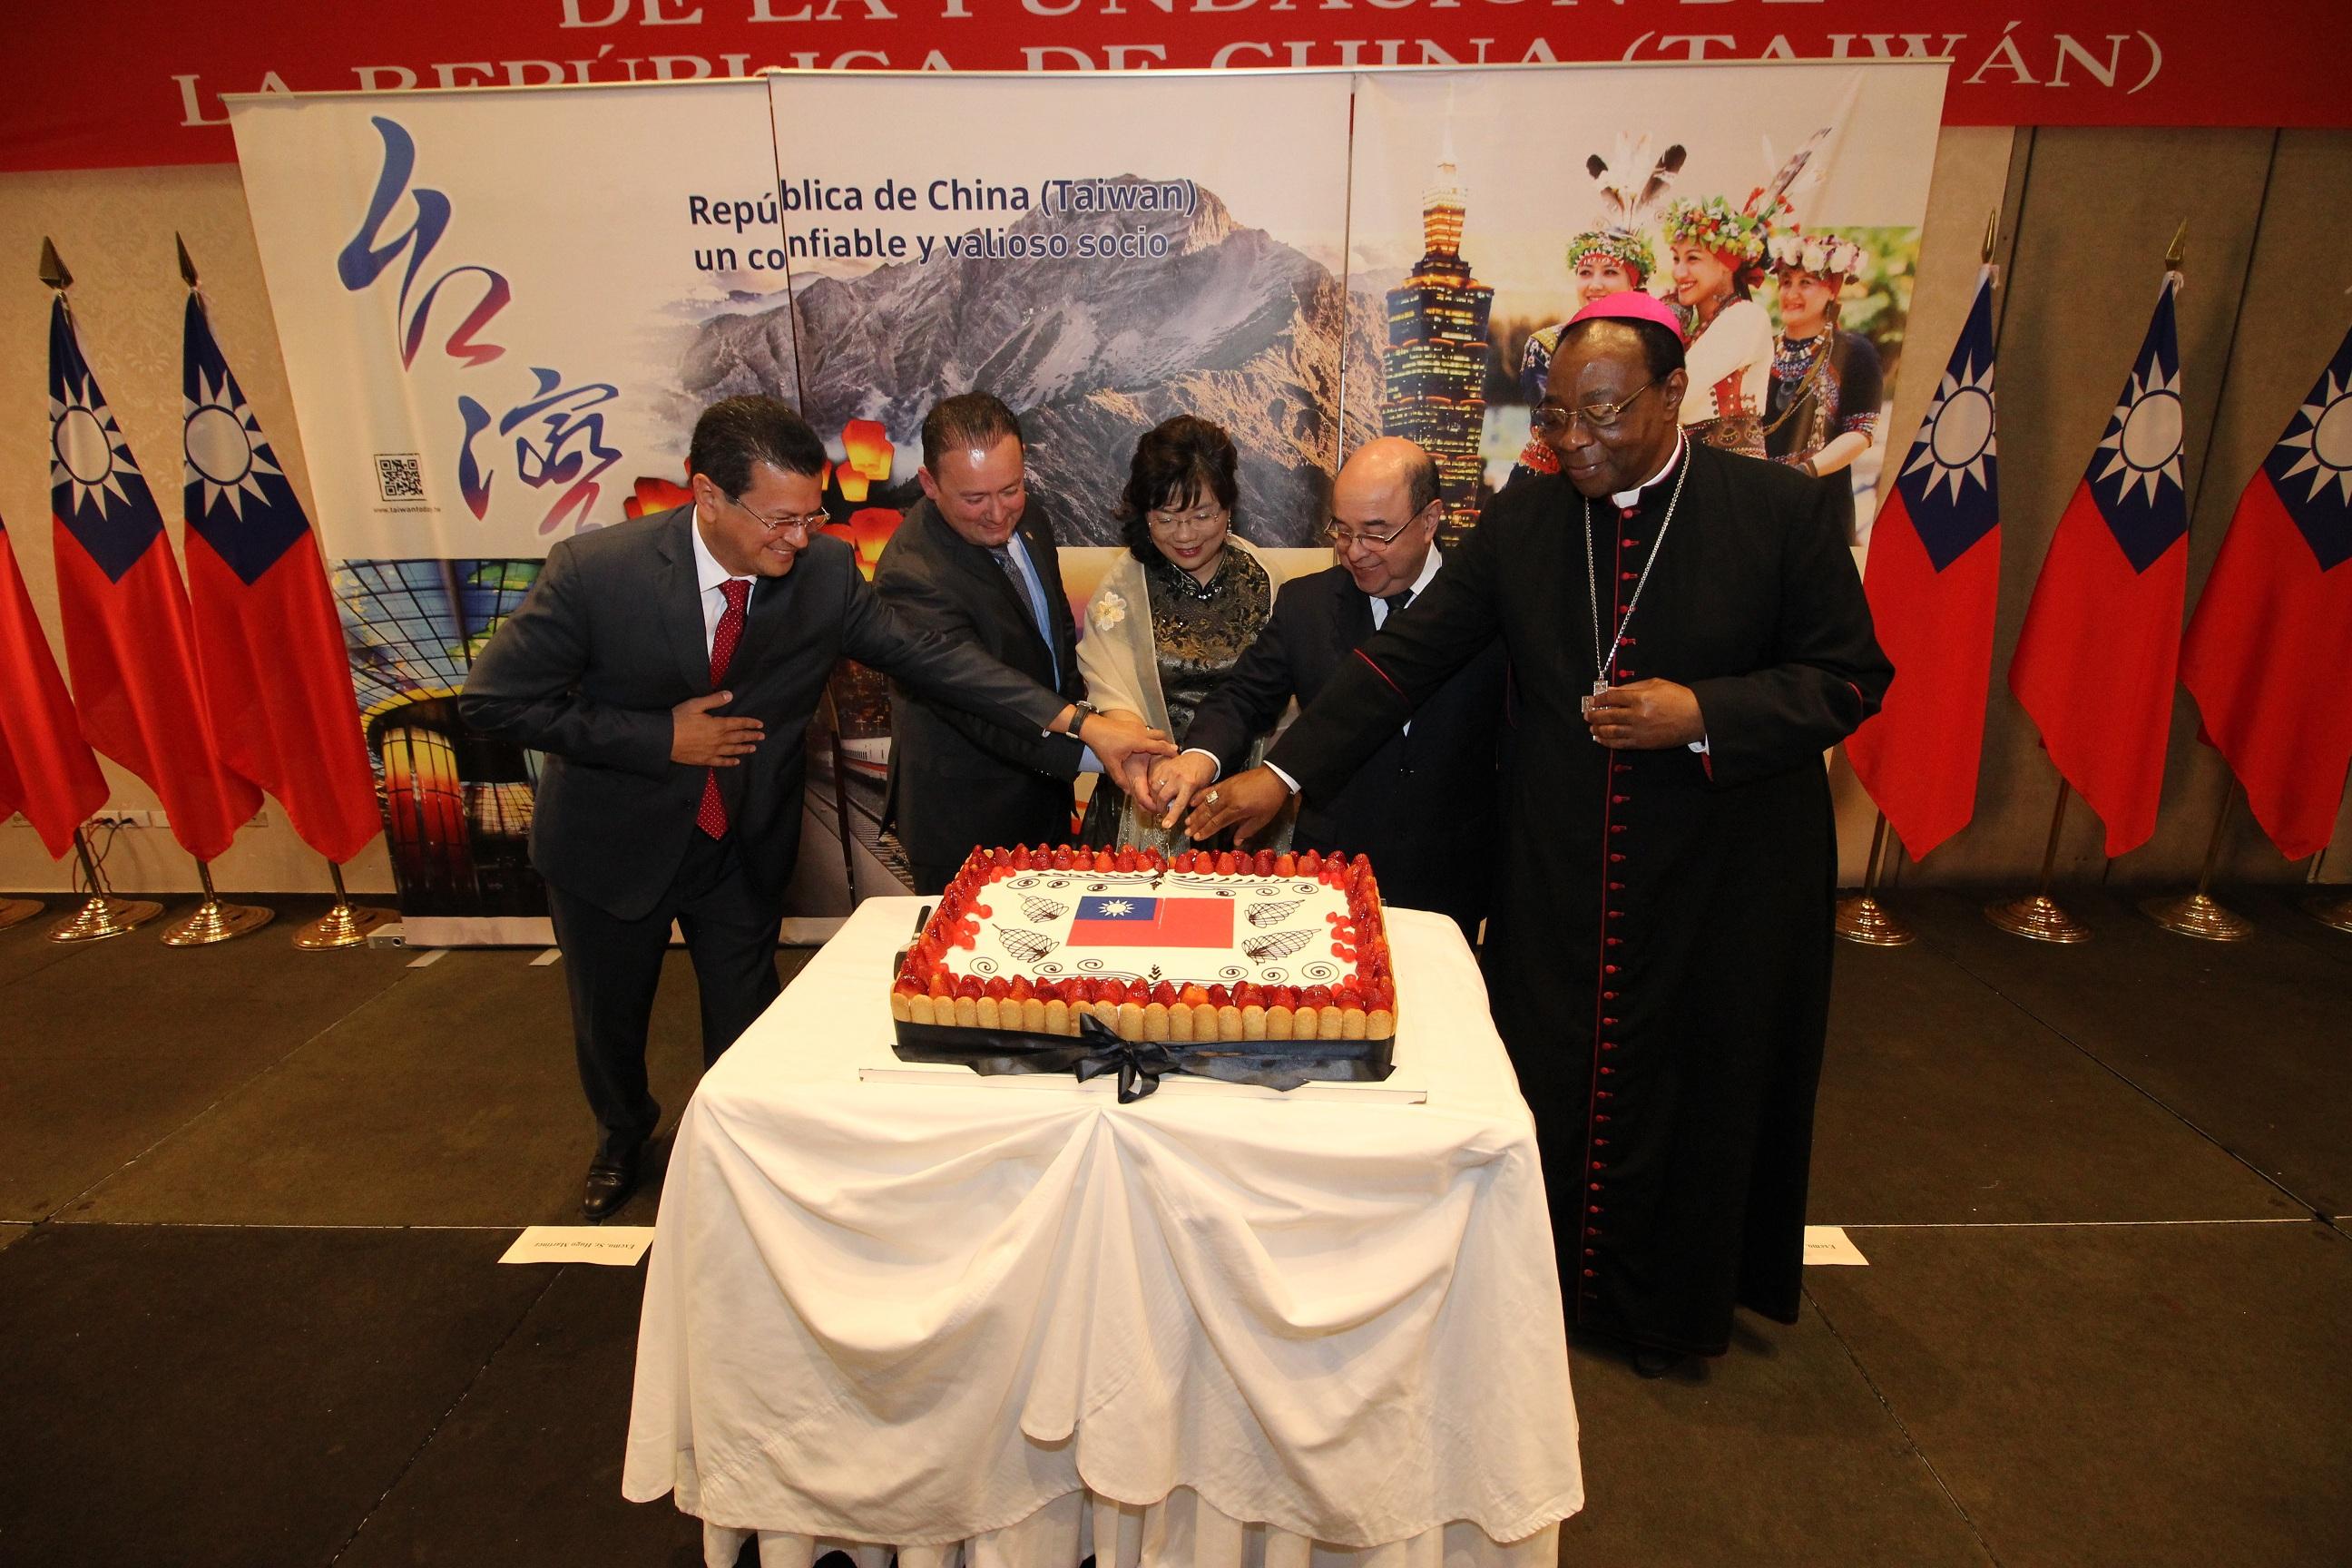 La Embajada de la República de China (Taiwán) celebró su Día Nacional el 10 de octubre